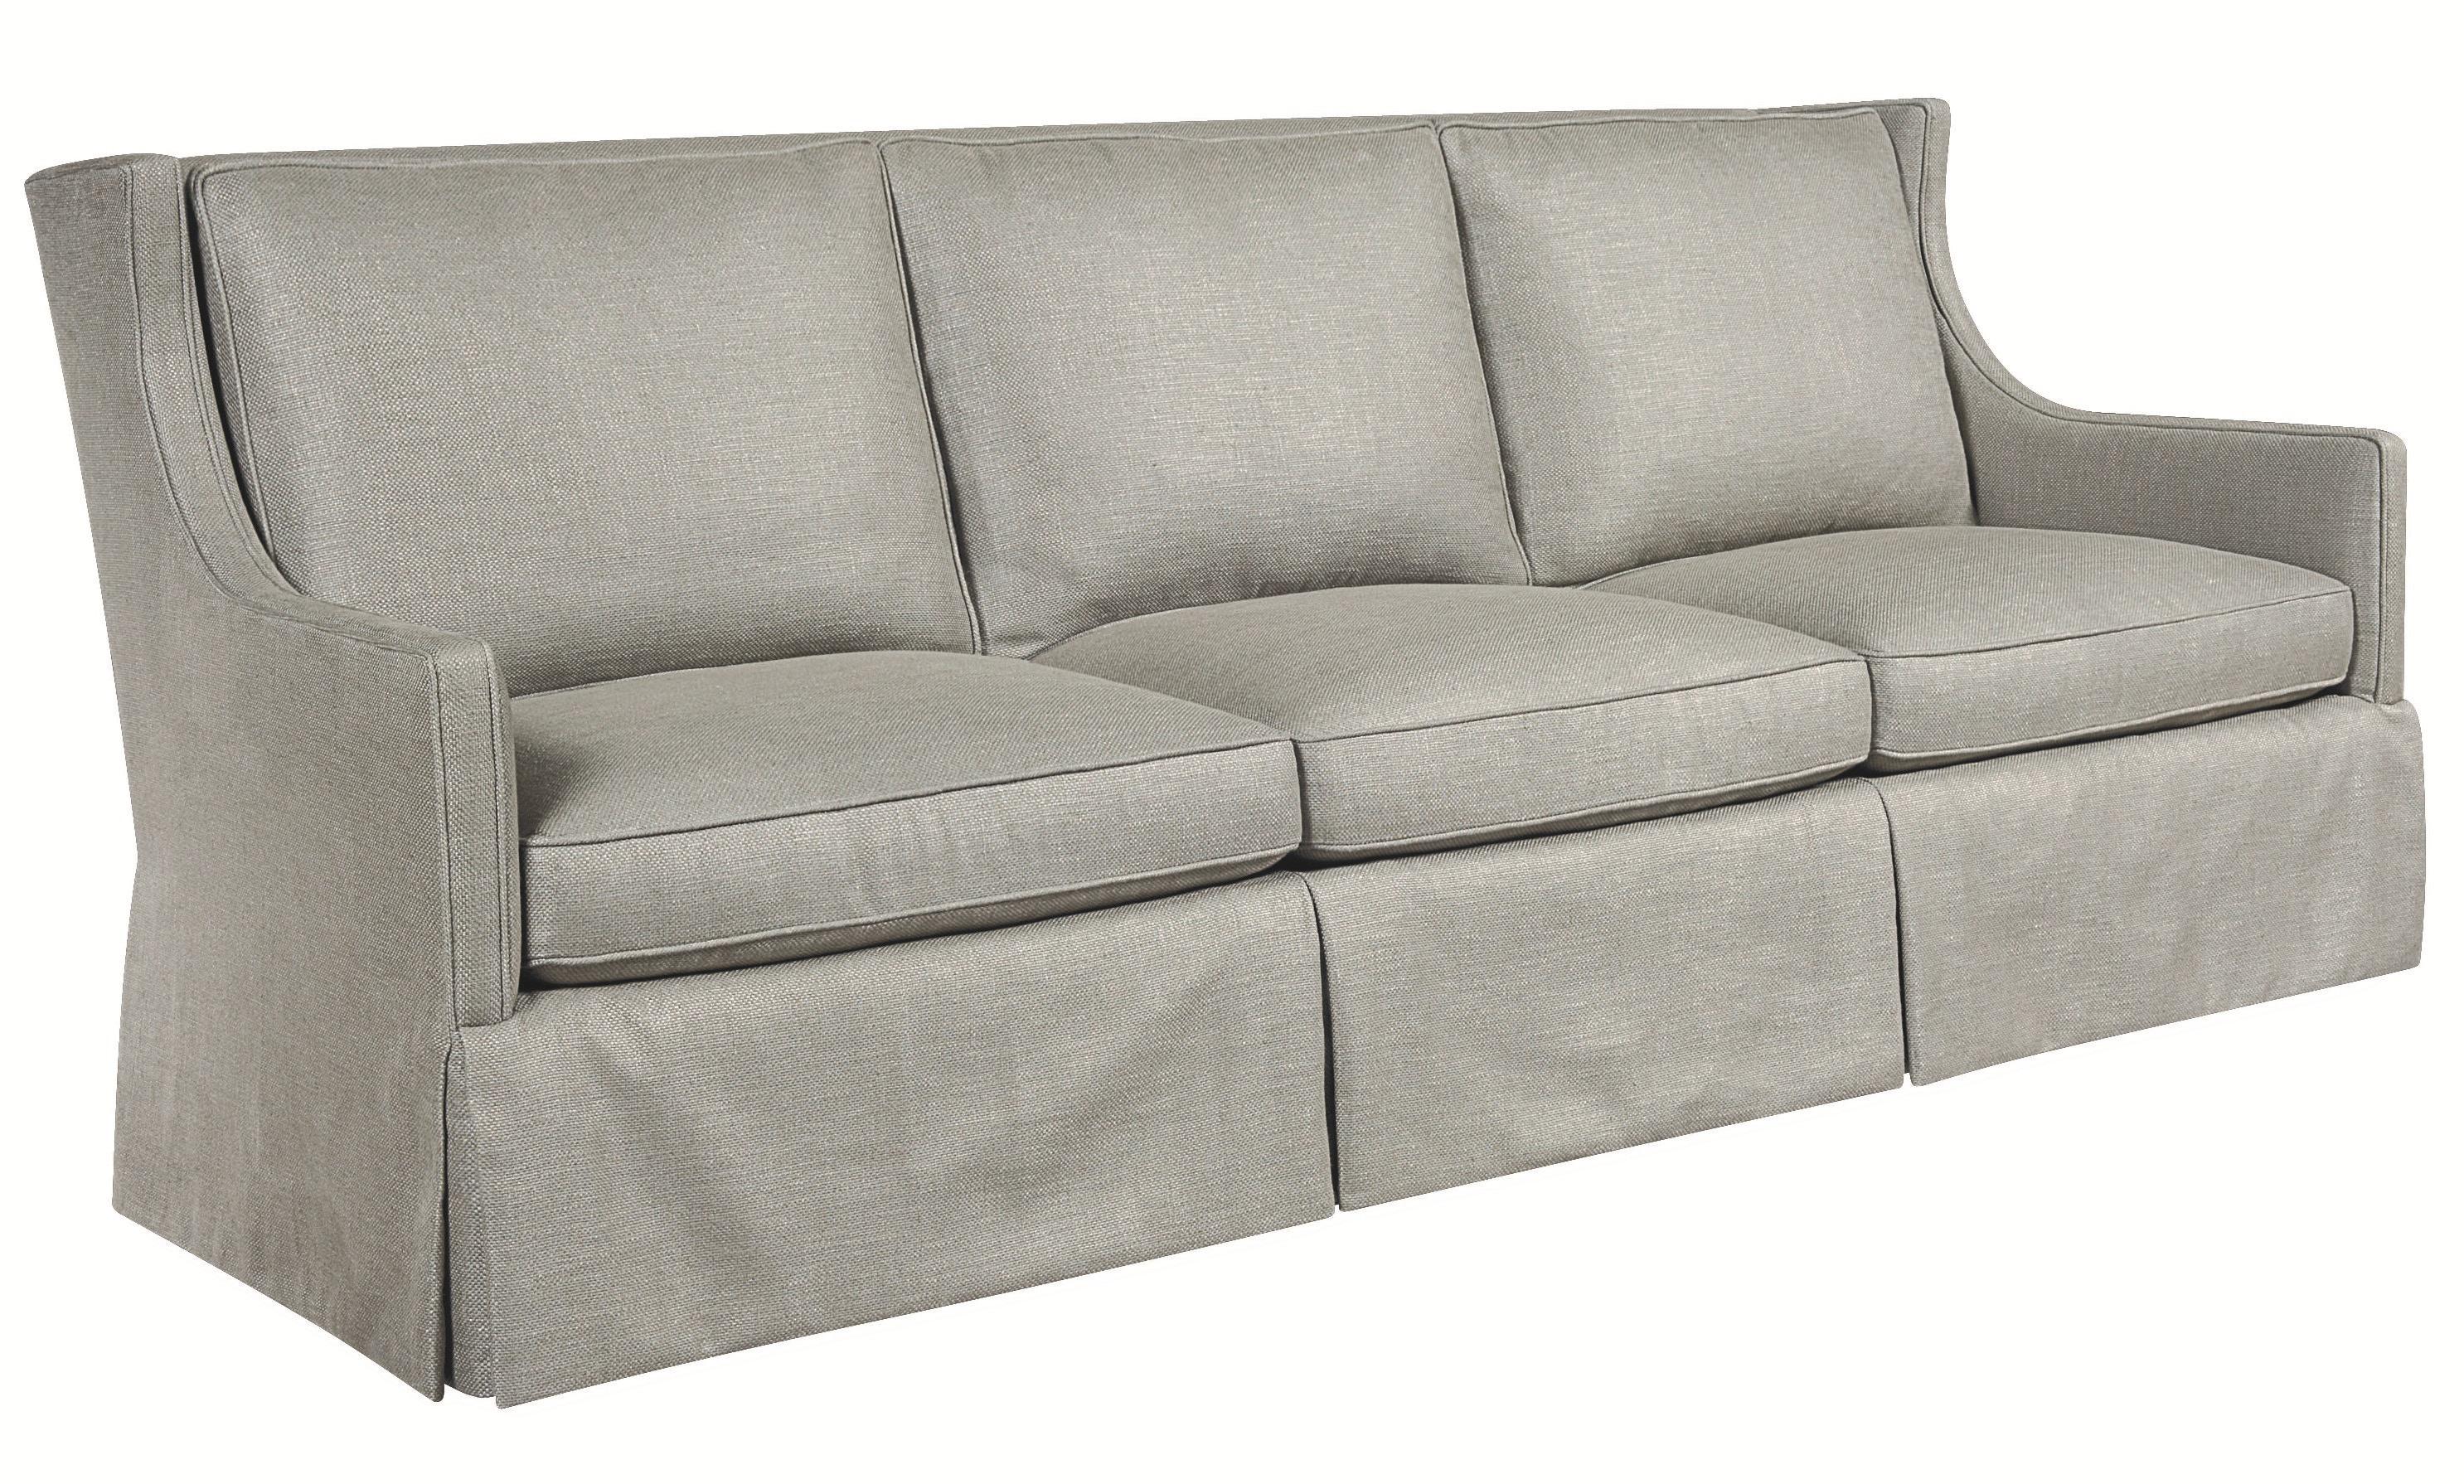 sofa lee industries - Lee Industries Sofa